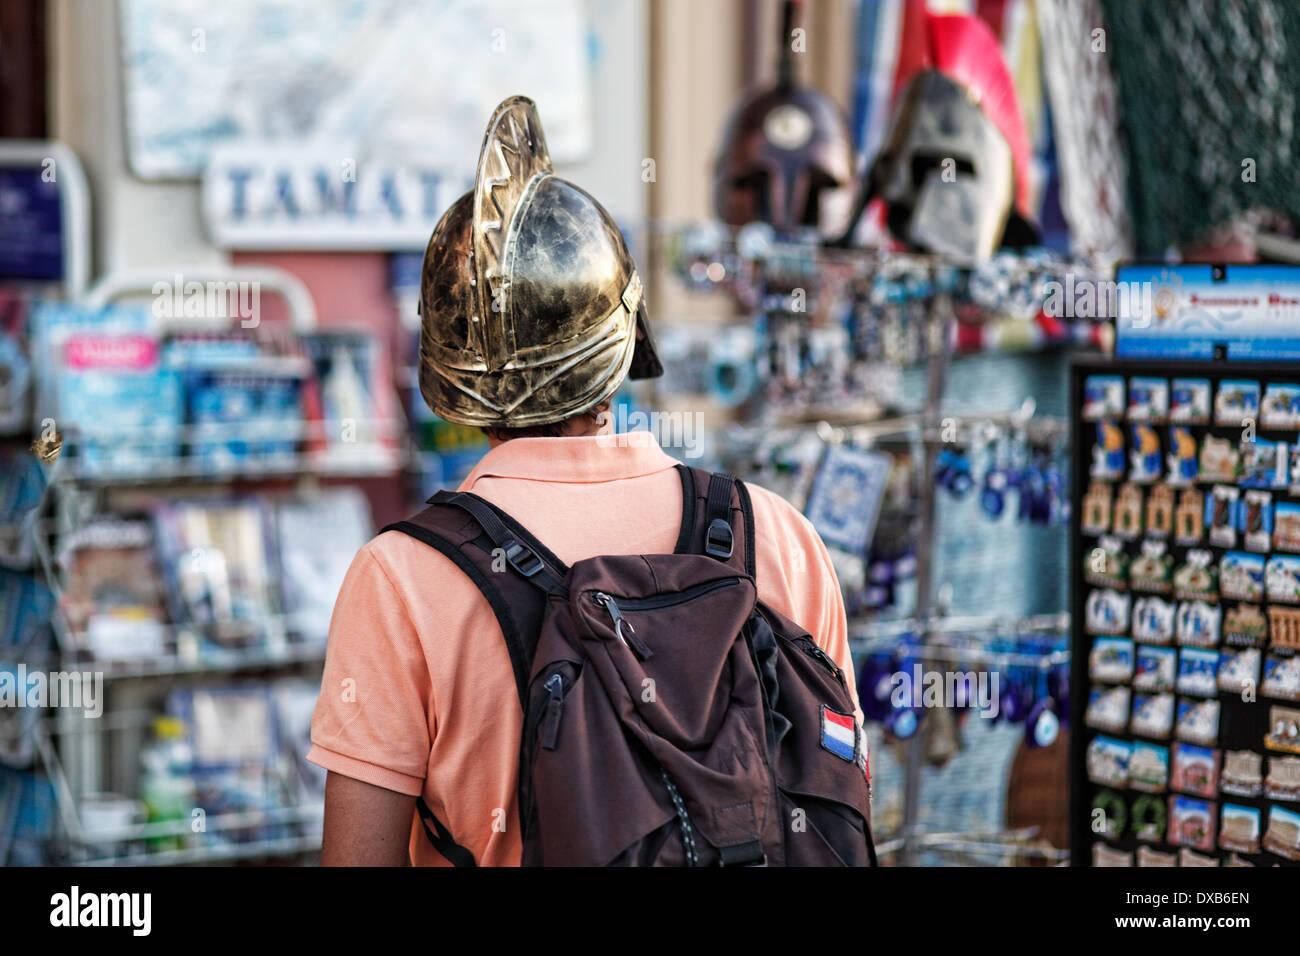 Un touriste avec casque dans les rues d'Athènes, Grèce Banque D'Images